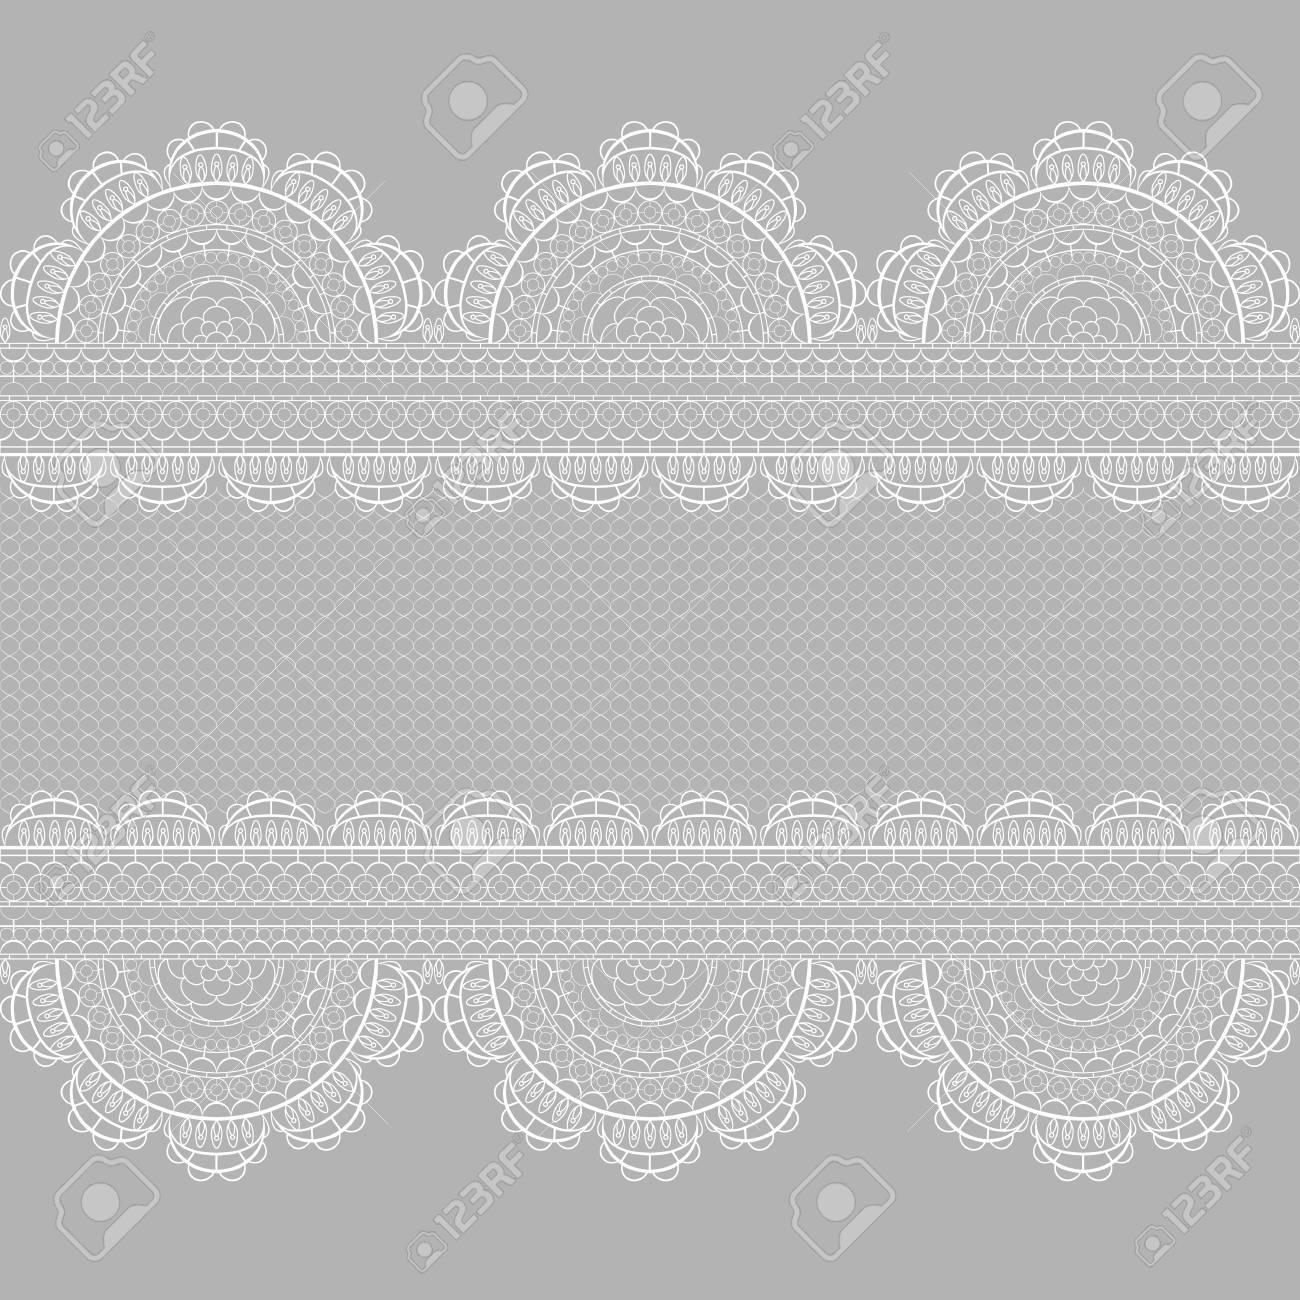 Weiße Spitze Nahtlose Muster. Vorlage Für Hochzeit, Einladung Oder  Grußkarte Mit Spitze Hintergrund.